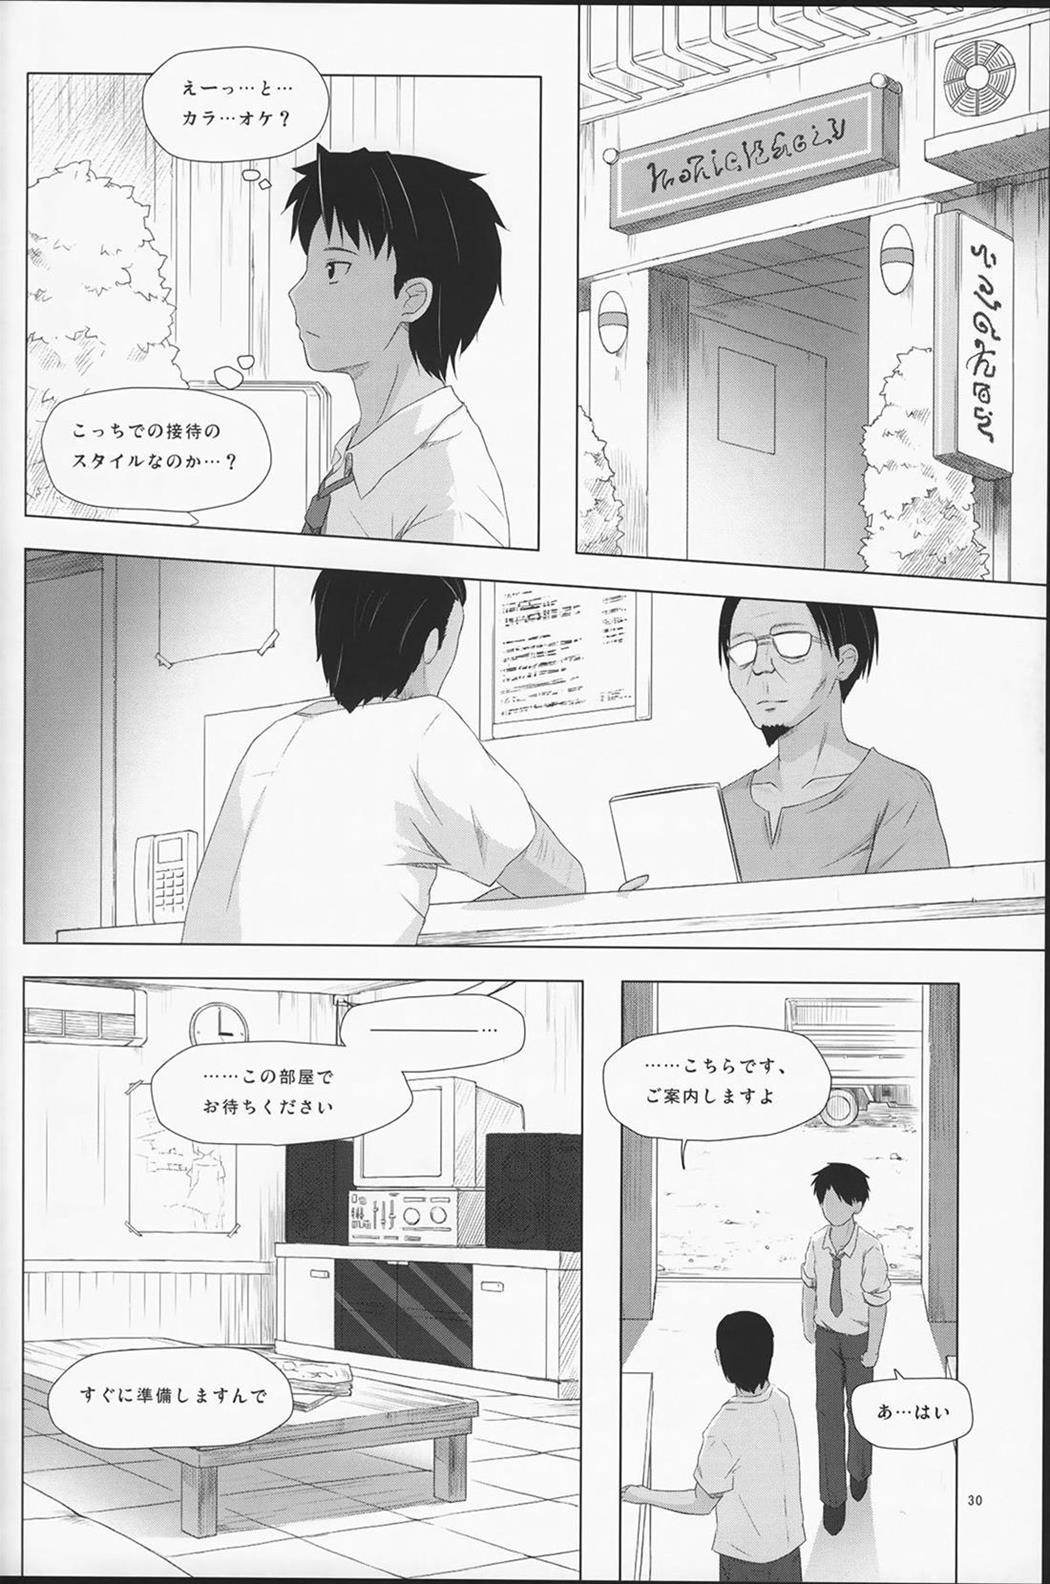 【エロ漫画・エロ同人誌】異国で父親に売られて売春する羽目になったロリ少女wひたすらお客とエッチしてる毎日を送ってたら日本人の男に助けられ日本に来てもセックス依存がぬけてないwww (30)